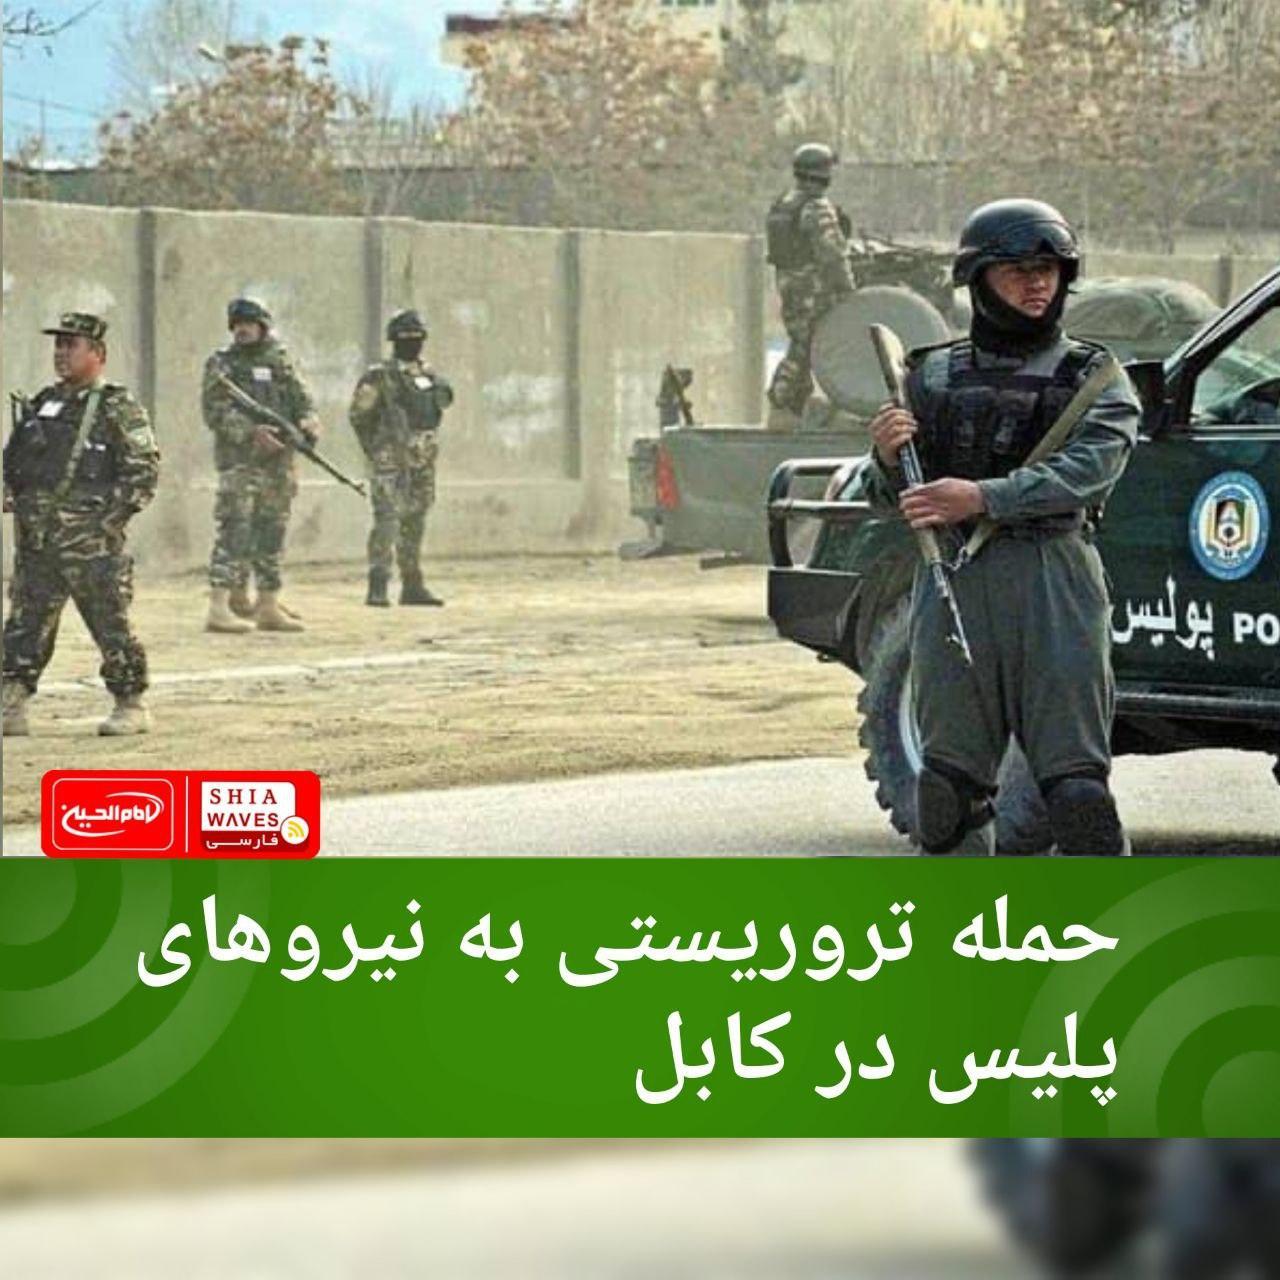 تصویر حمله تروریستی به نیروهای پلیس در کابل